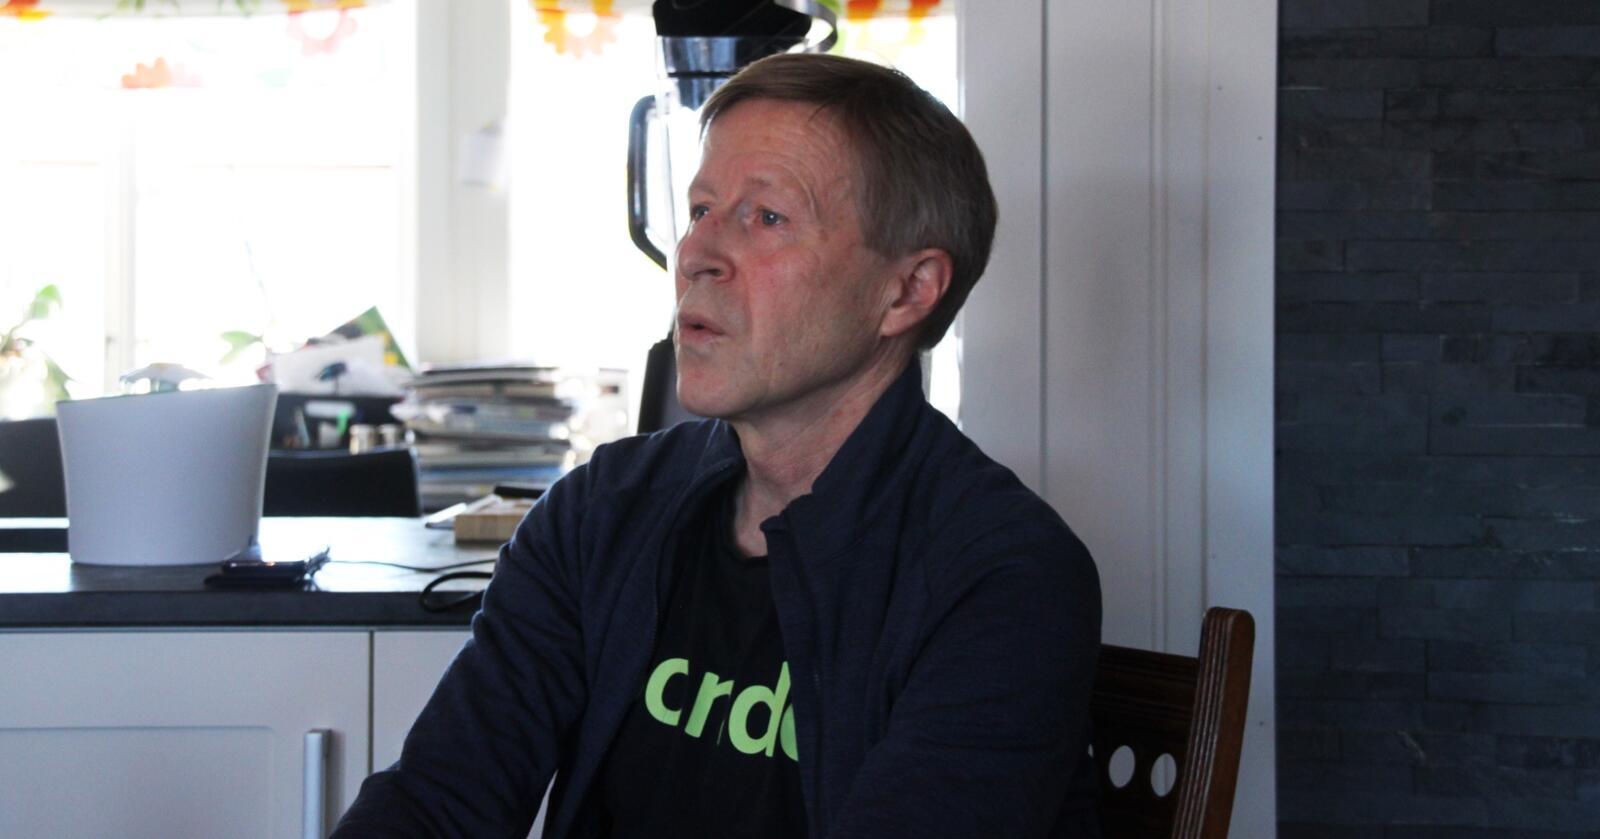 Leder av forpakterlaget i Maridalen, Per Skorge, er lettet over at Oslo bystyre har snudd om forpakteravtalene i Maridalen. Foto: Sigurd Lein Hernes